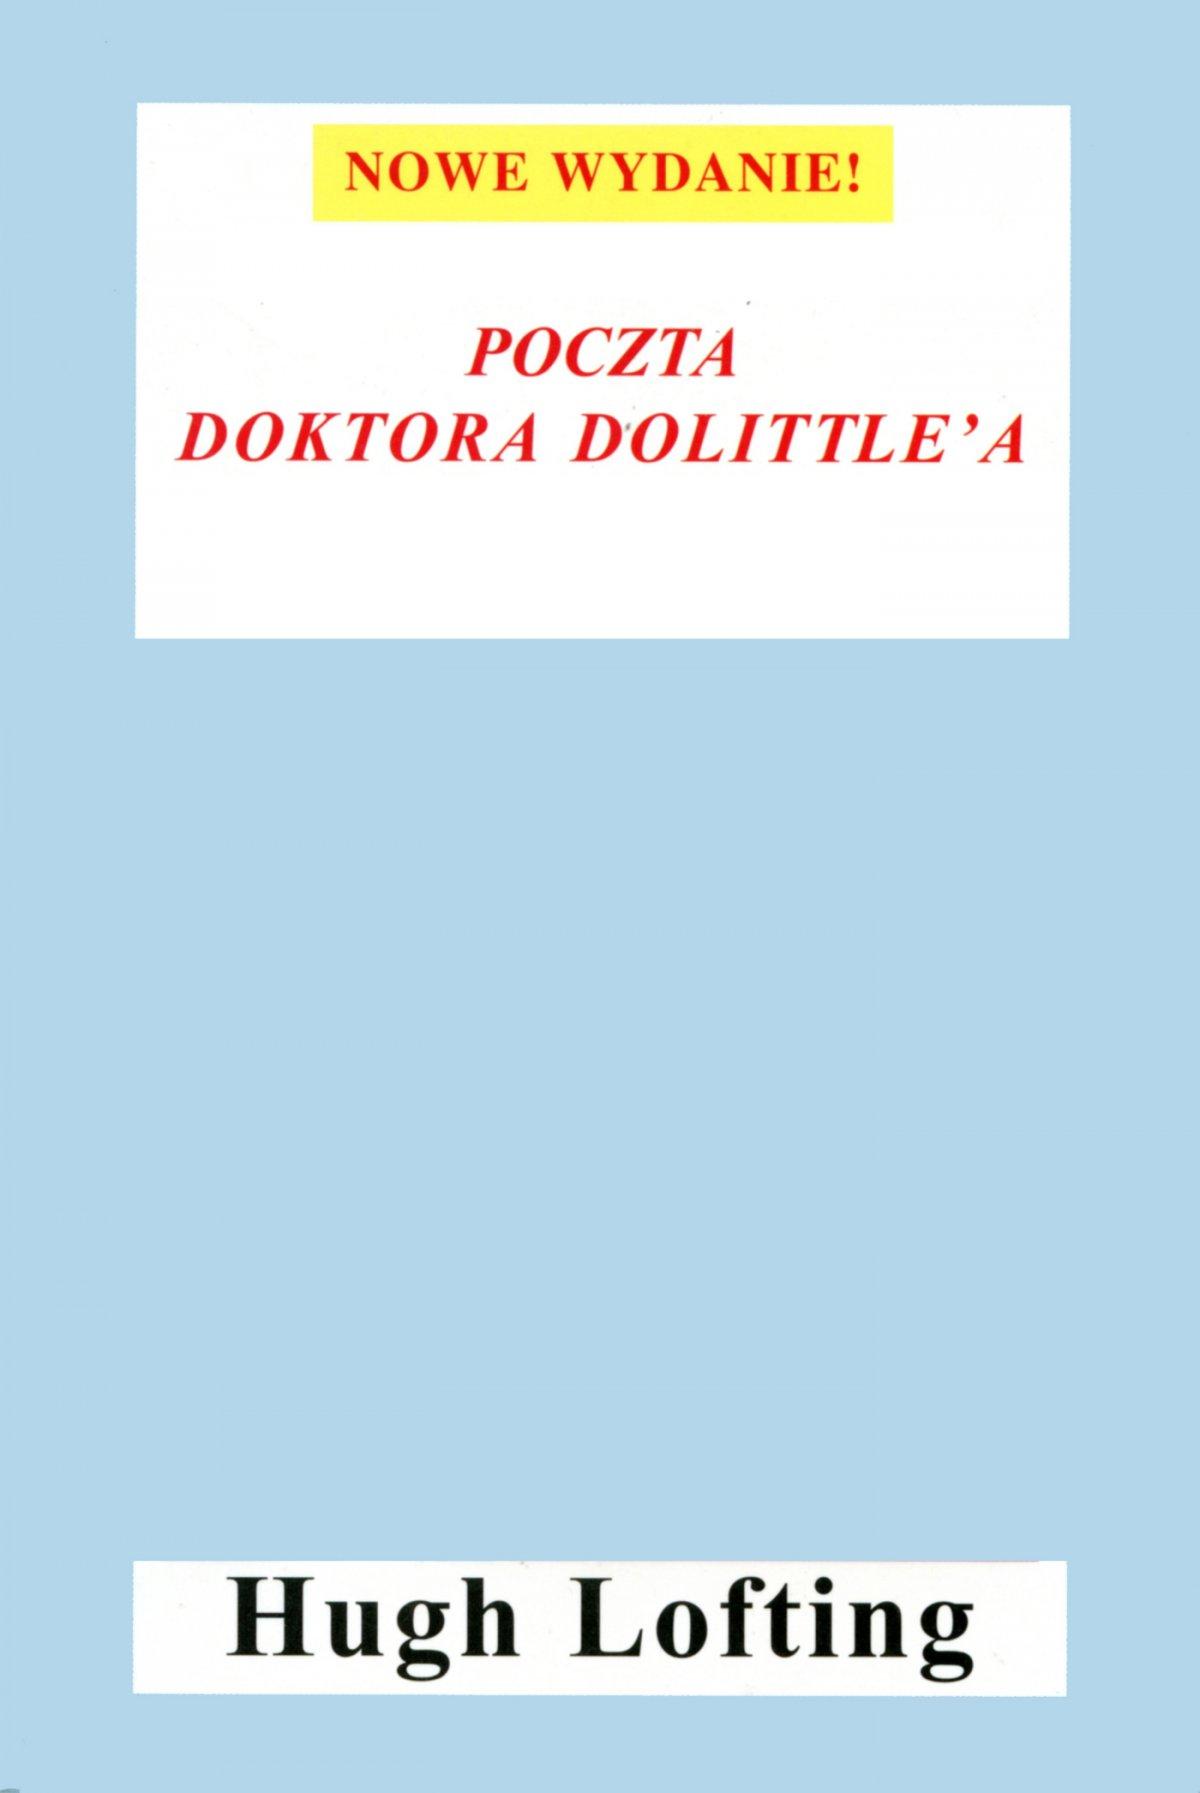 Poczta Doktora Dolittle'a - Ebook (Książka na Kindle) do pobrania w formacie MOBI